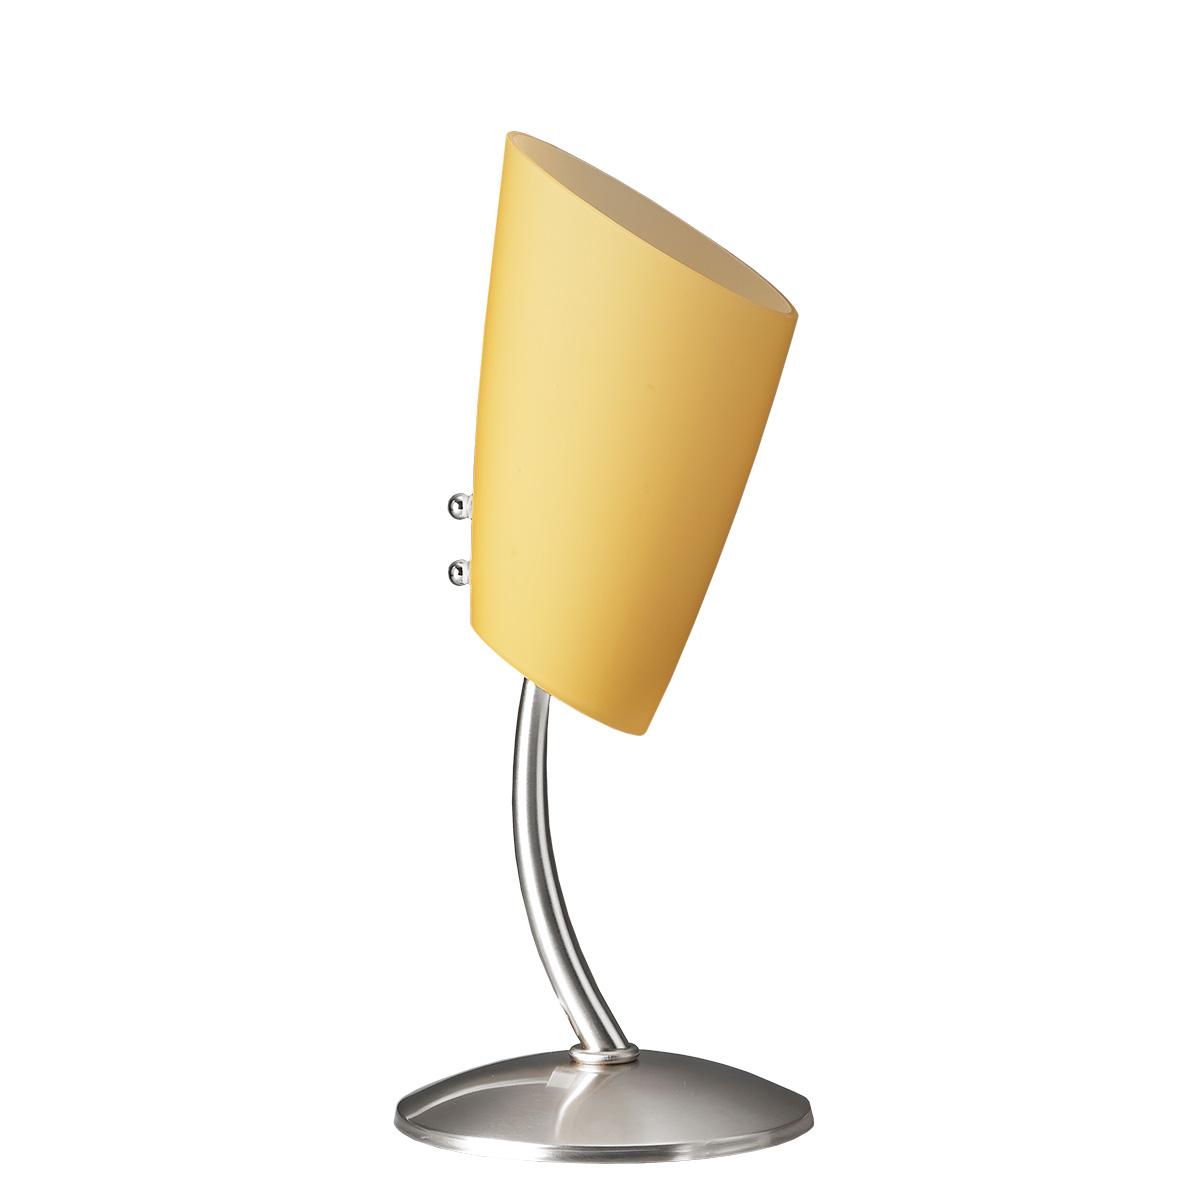 Μοντέρνα πορτατίφ Μουράνο DONNA modern Murano table lamps